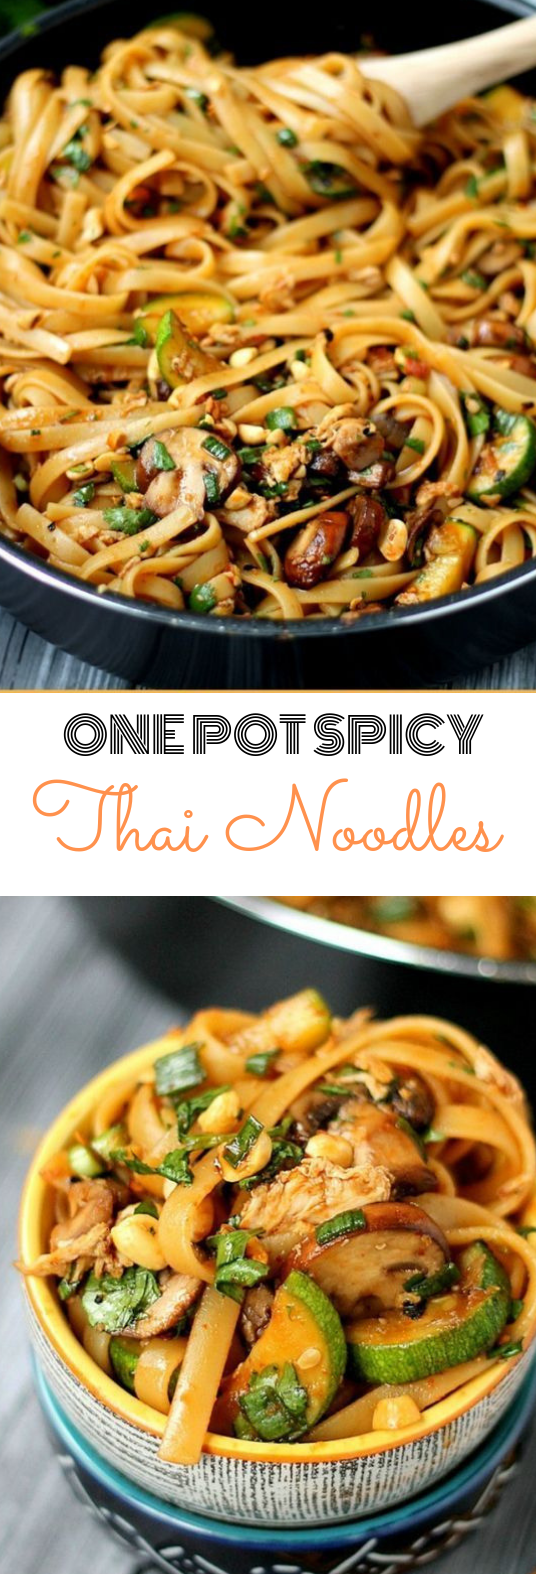 One Pot Spicy Thai Noodles #delicious #noodles